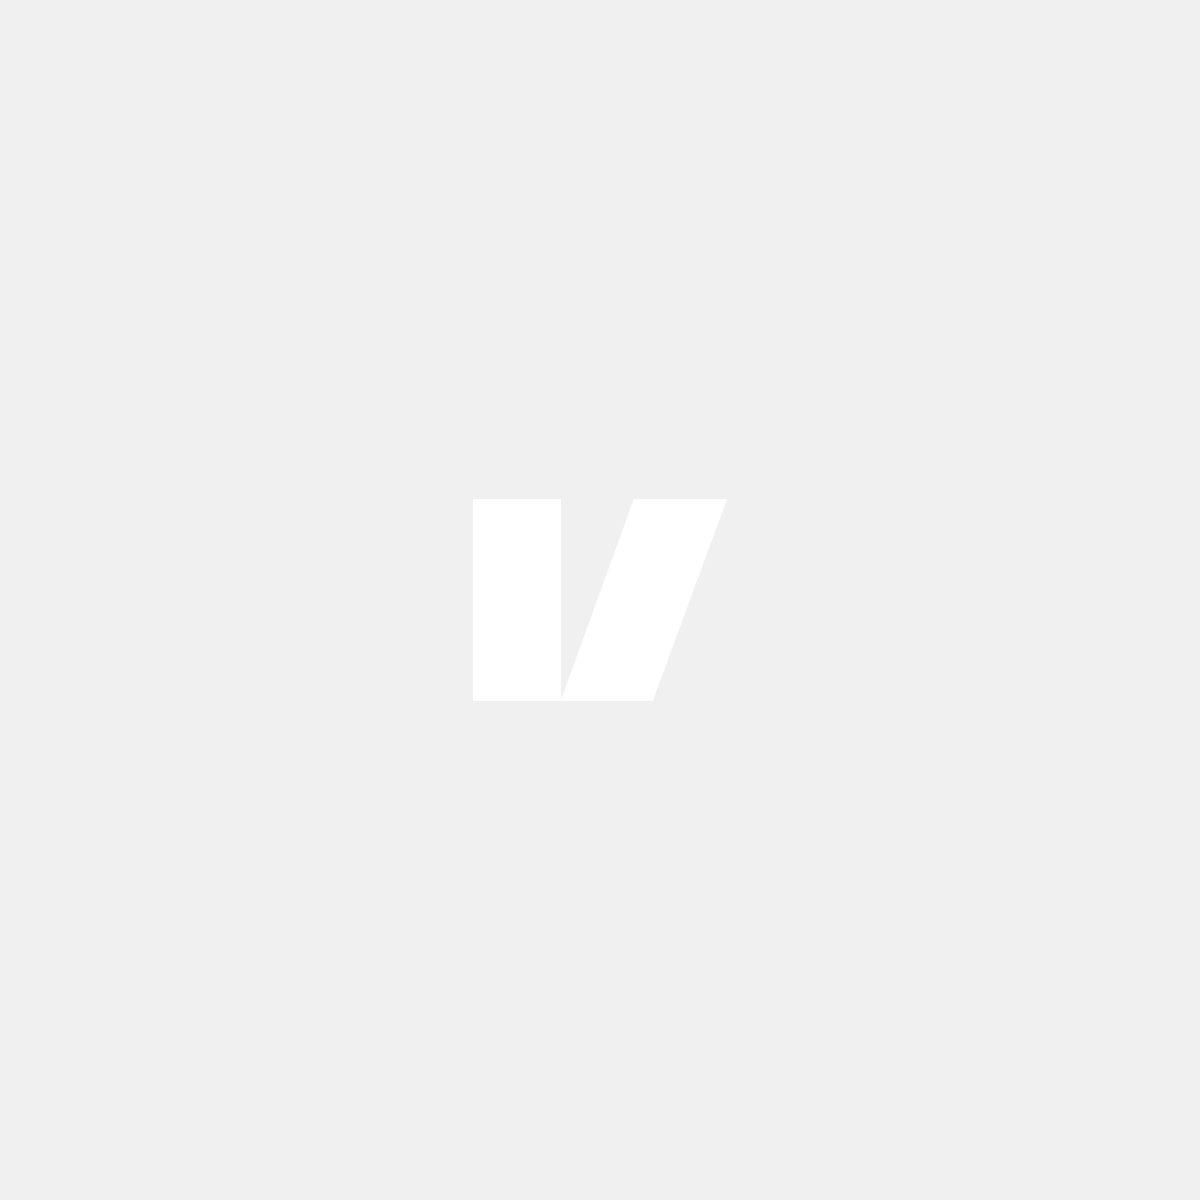 Regnavvisare för backspeglar till Volvo S60, V70